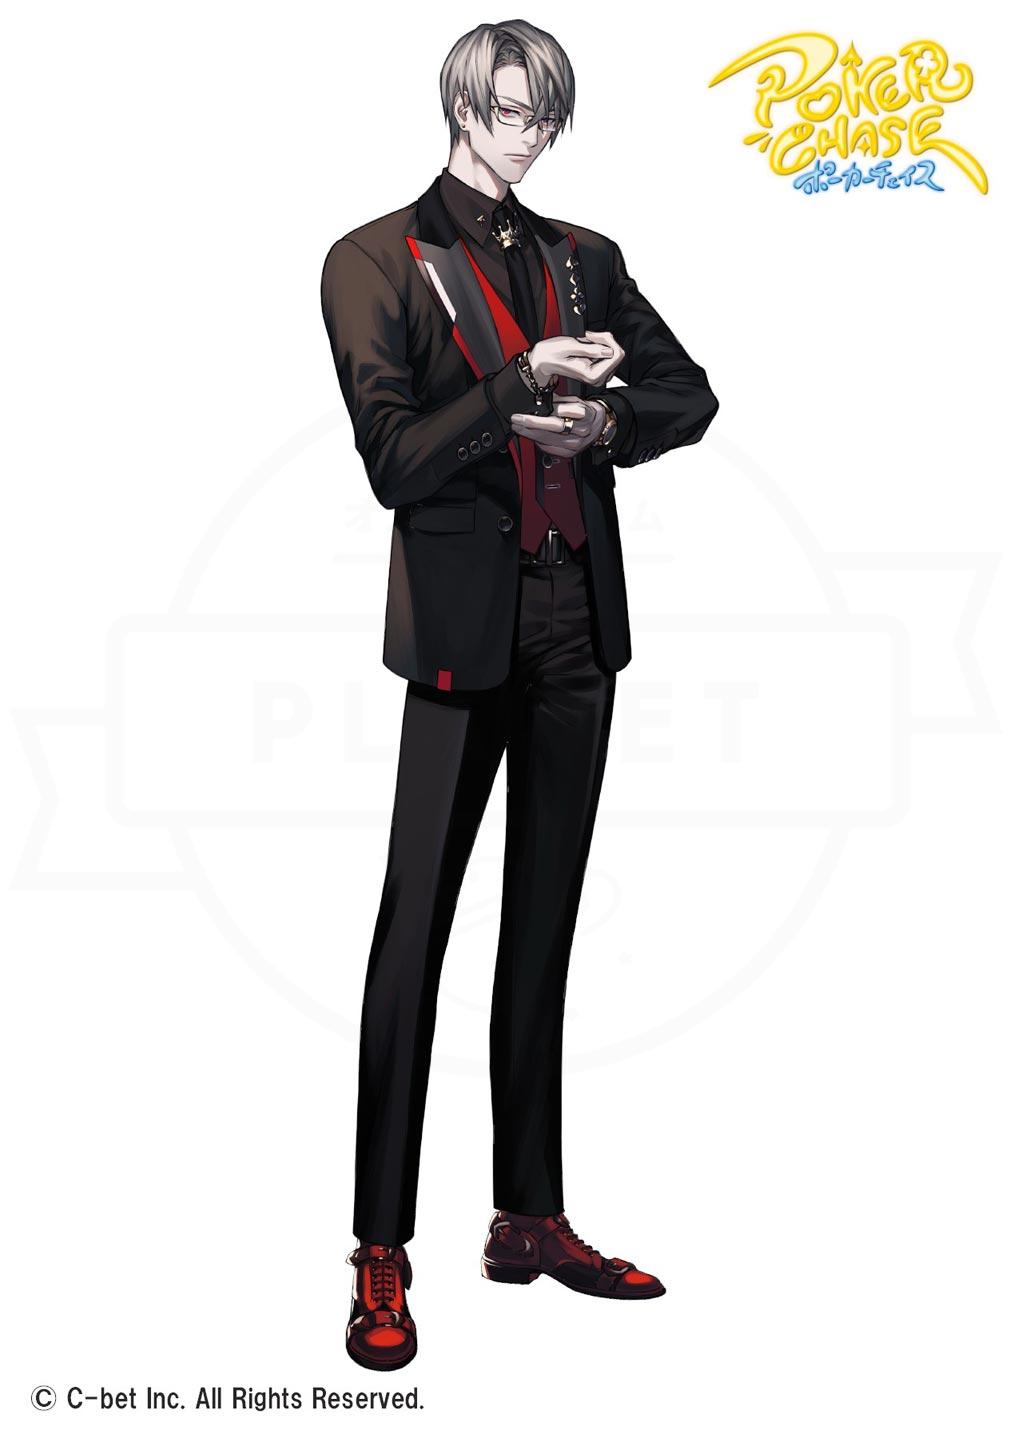 ポーカーチェイス(ポカチェ) キャラクター『尾神 亮二』紹介イメージ